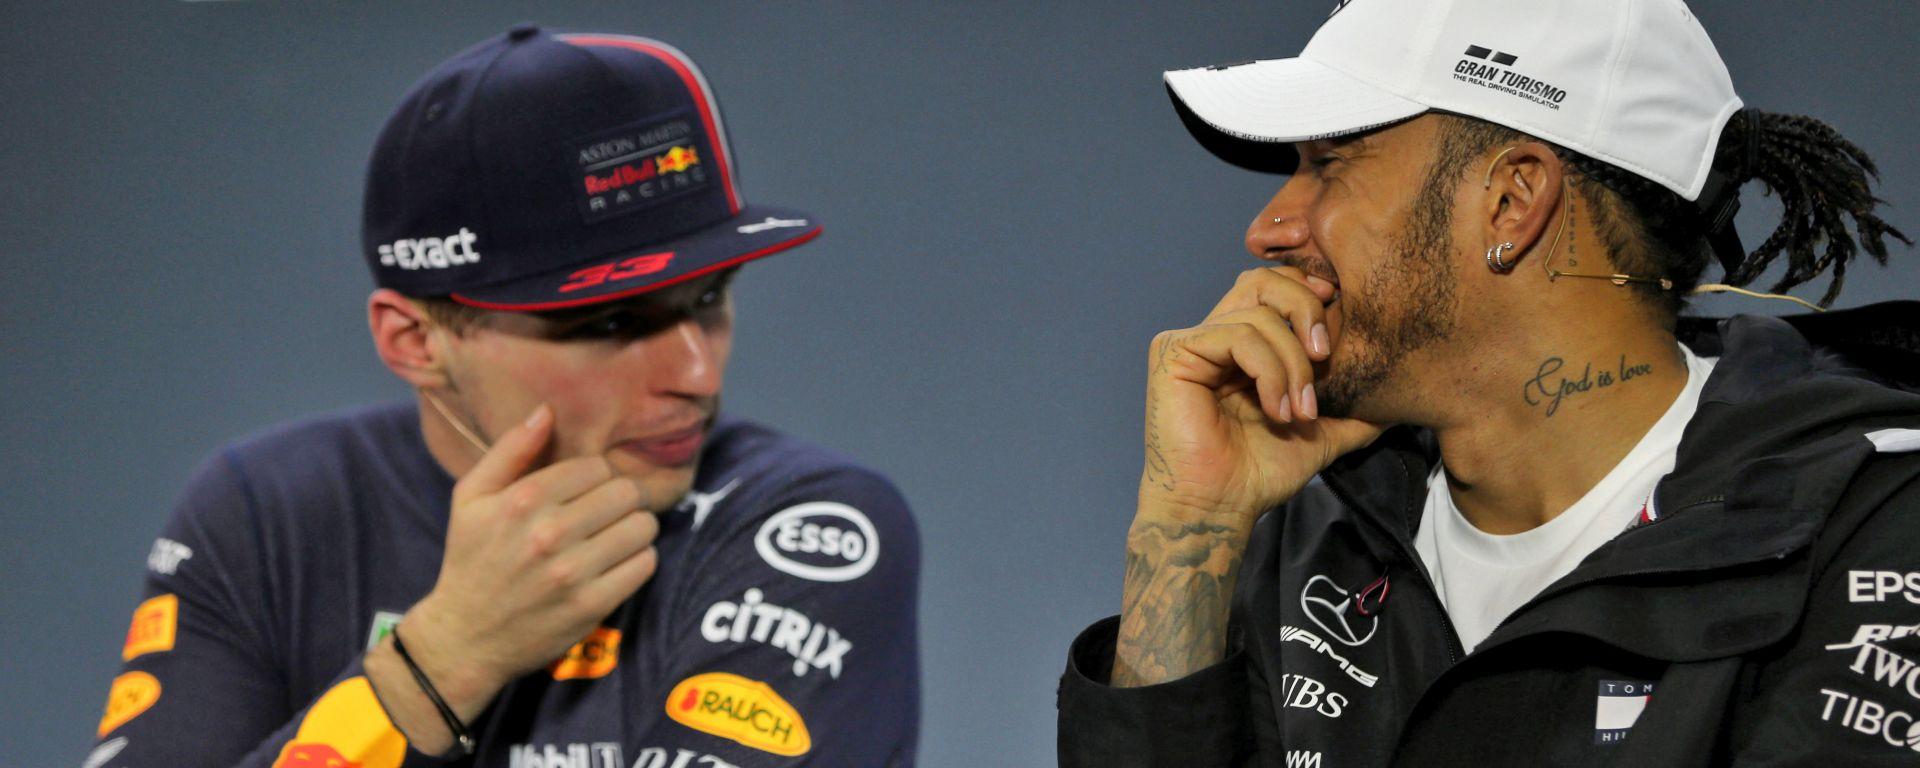 F1, GP Brasile 2019: Max Verstappen (Red Bull) e Lewis Hamilton (Mercedes)